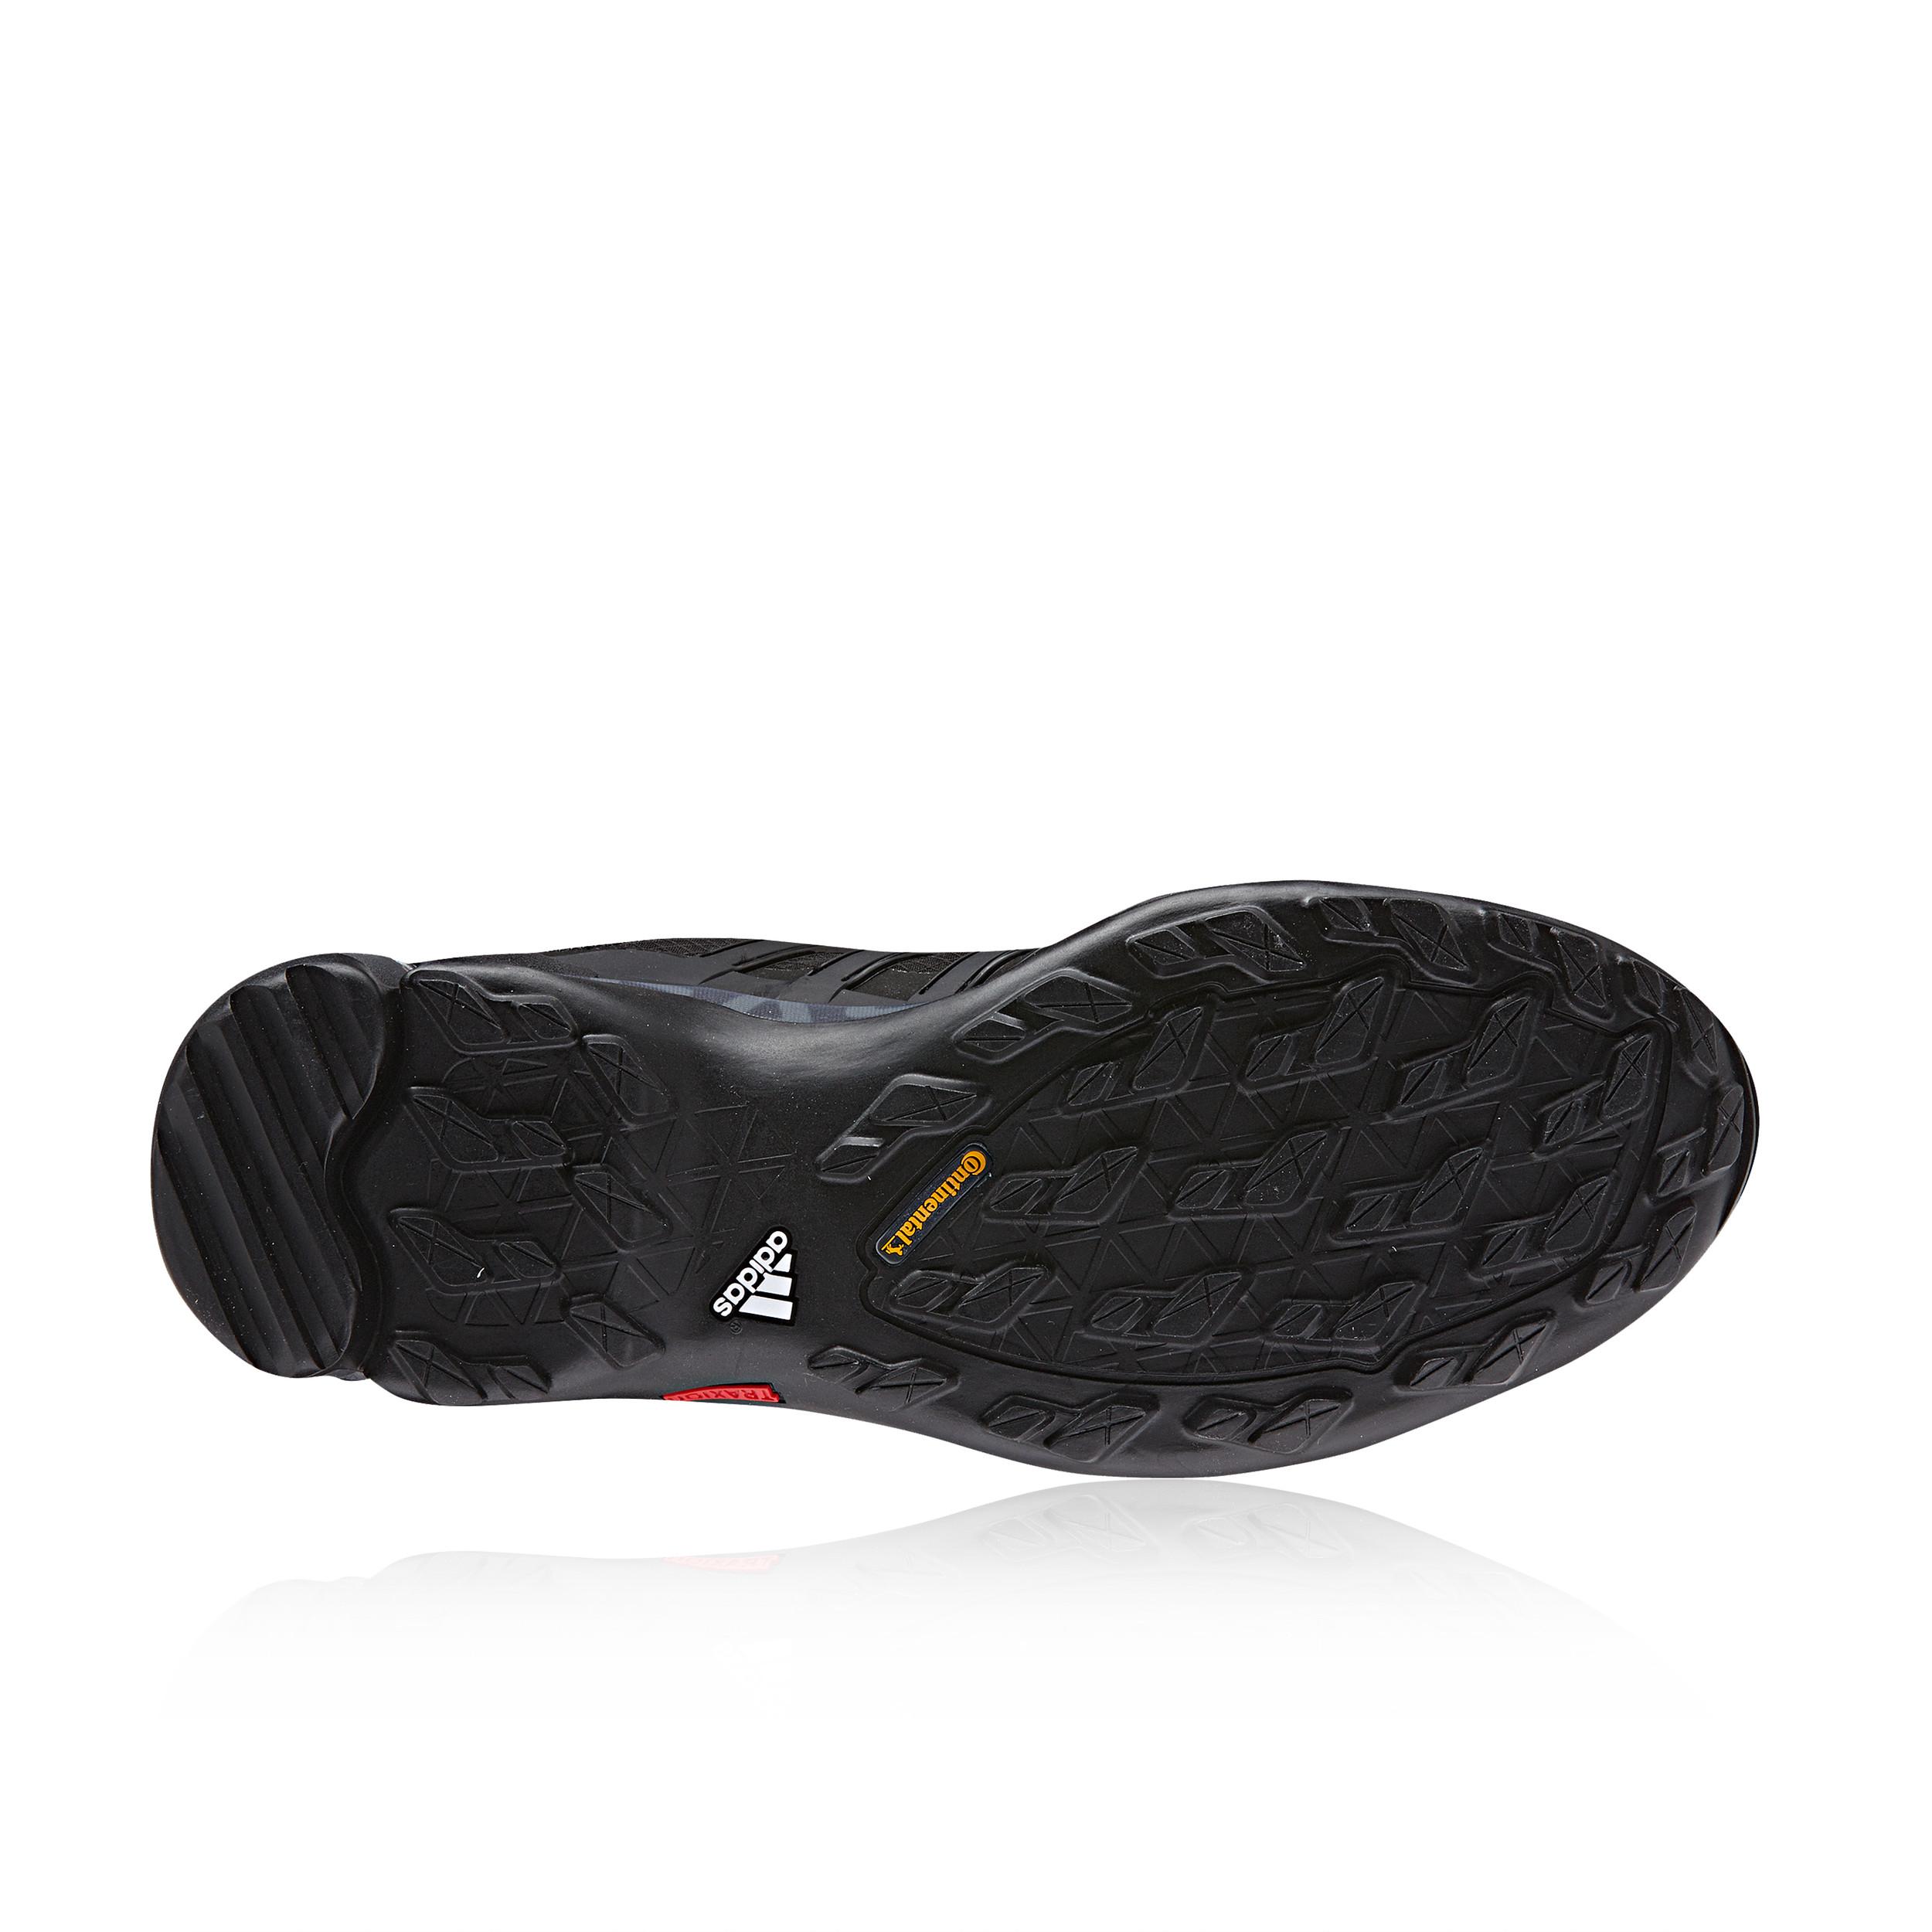 M Brand Rough Terrain Shoes